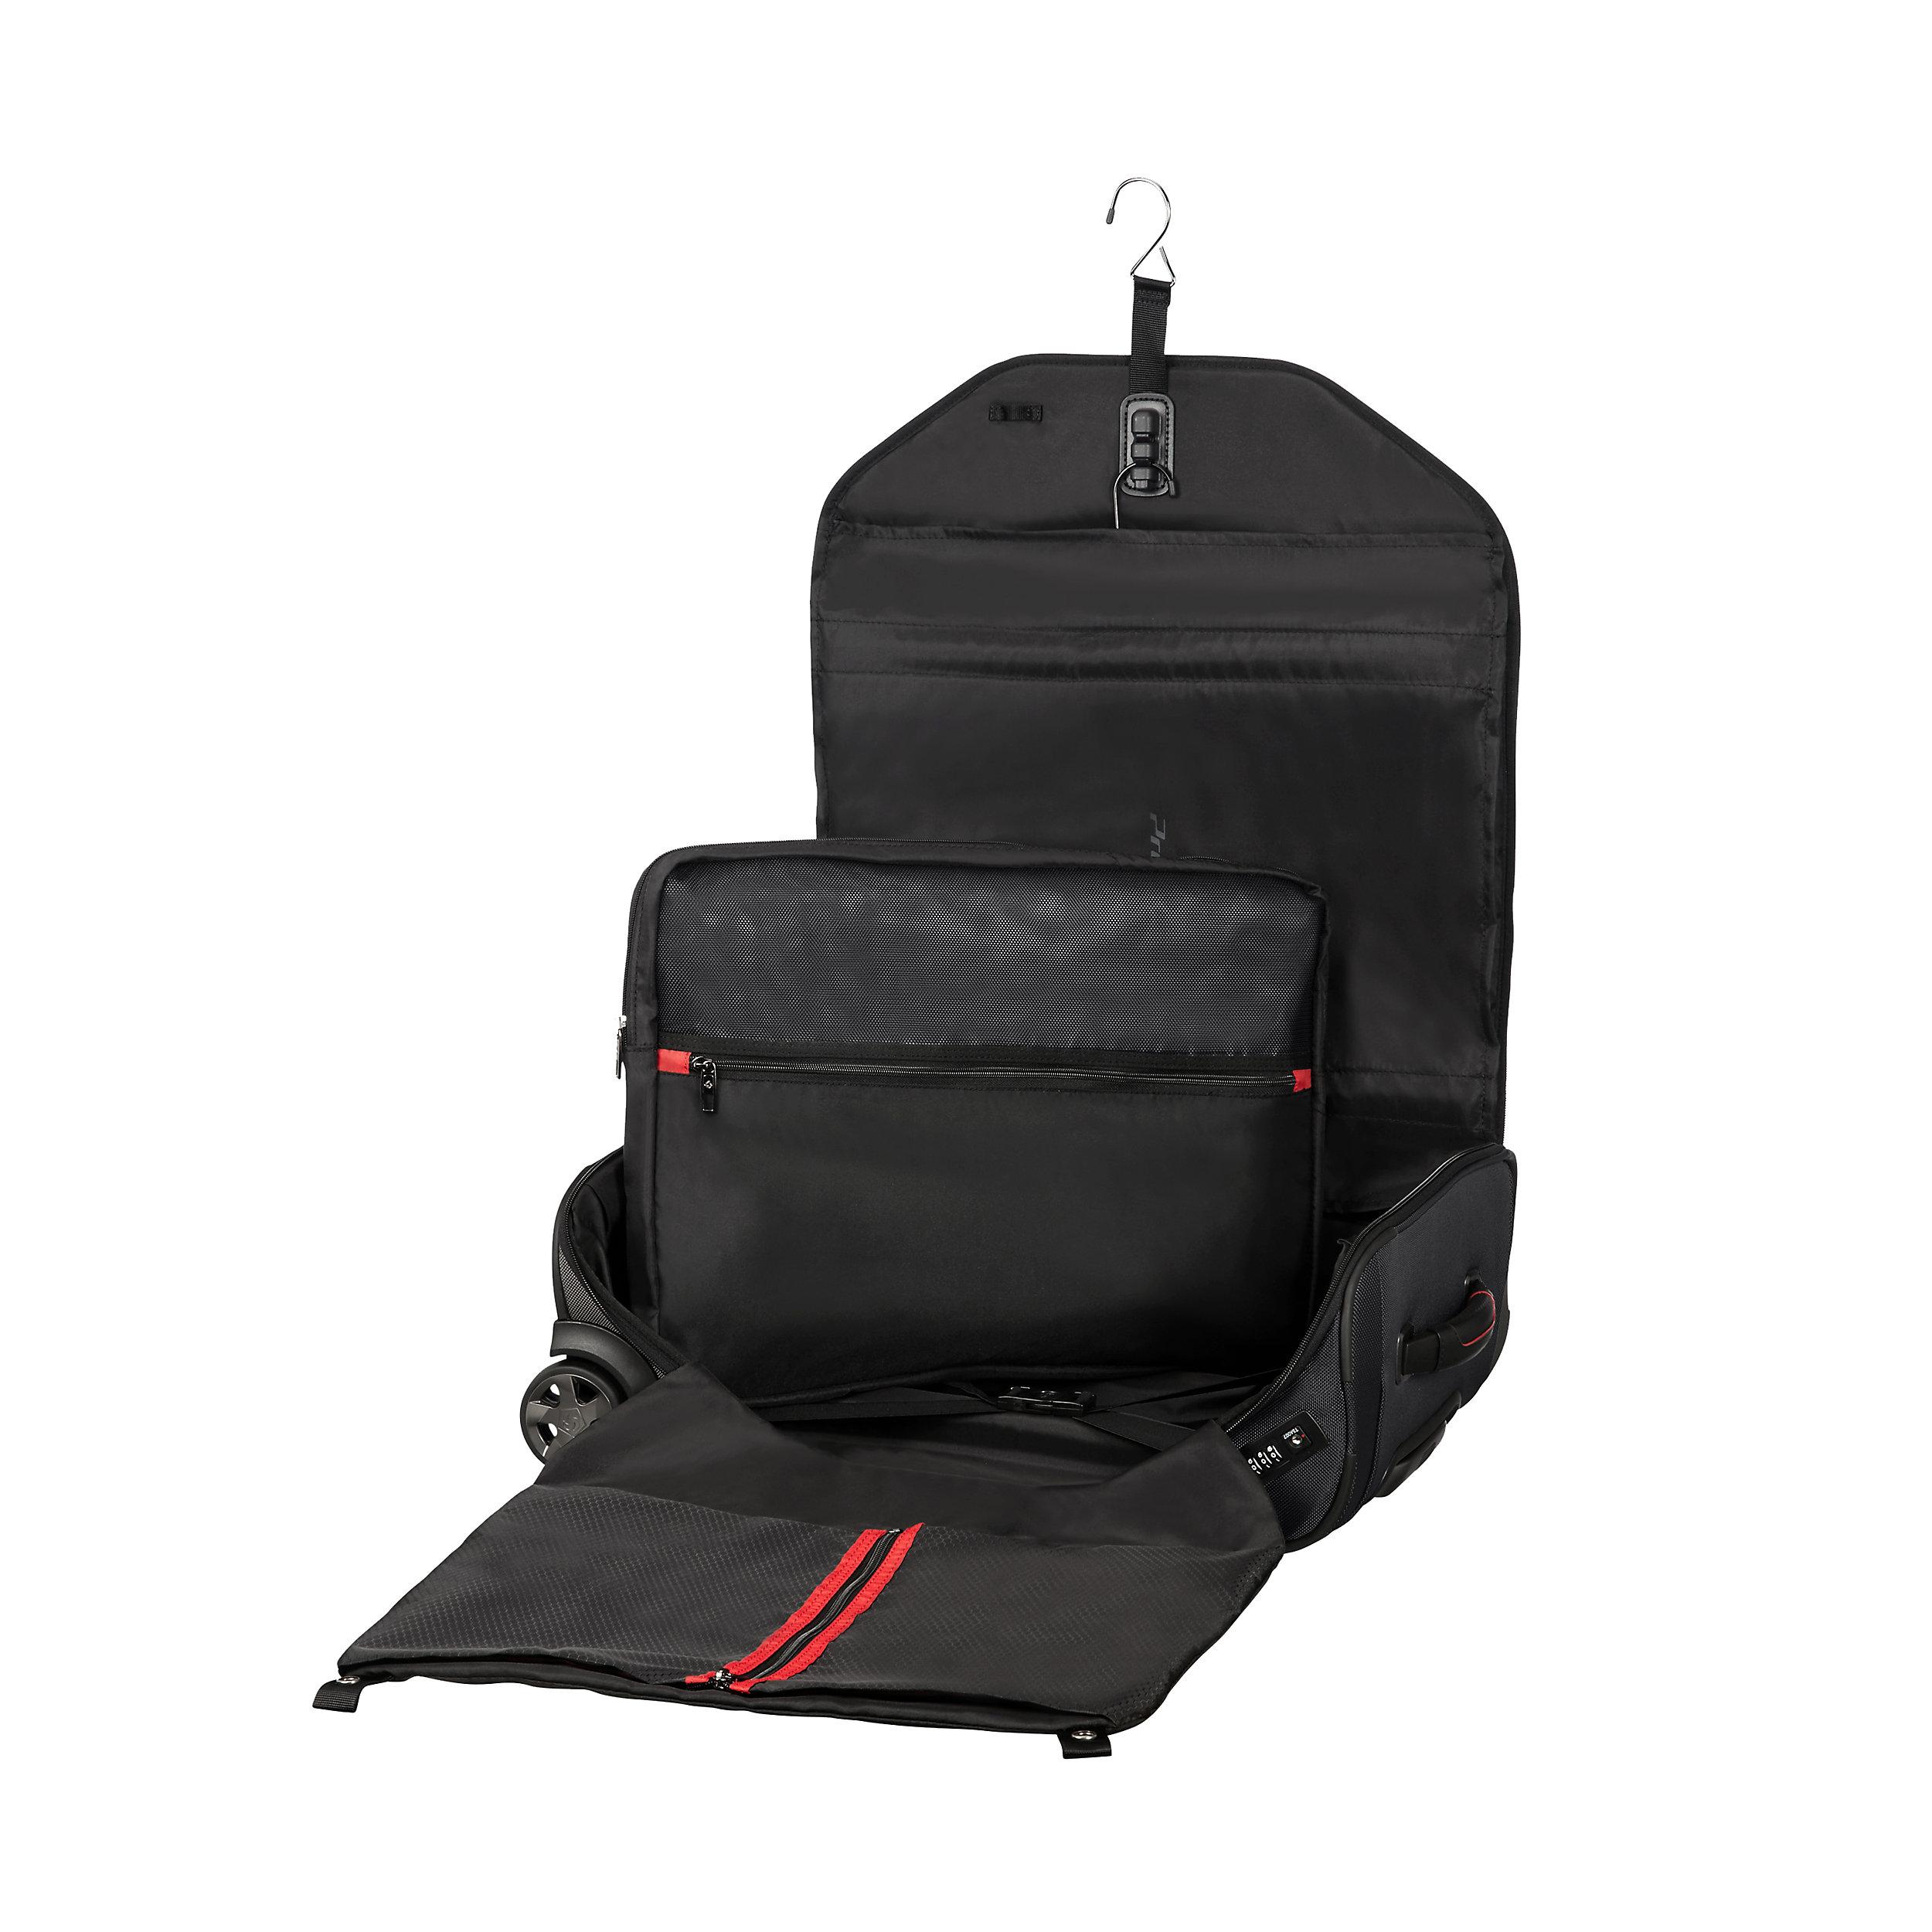 Rollenkleidersack mit 2 Rollen Cabin 55cm Pro-DLX5 S 36 Liter